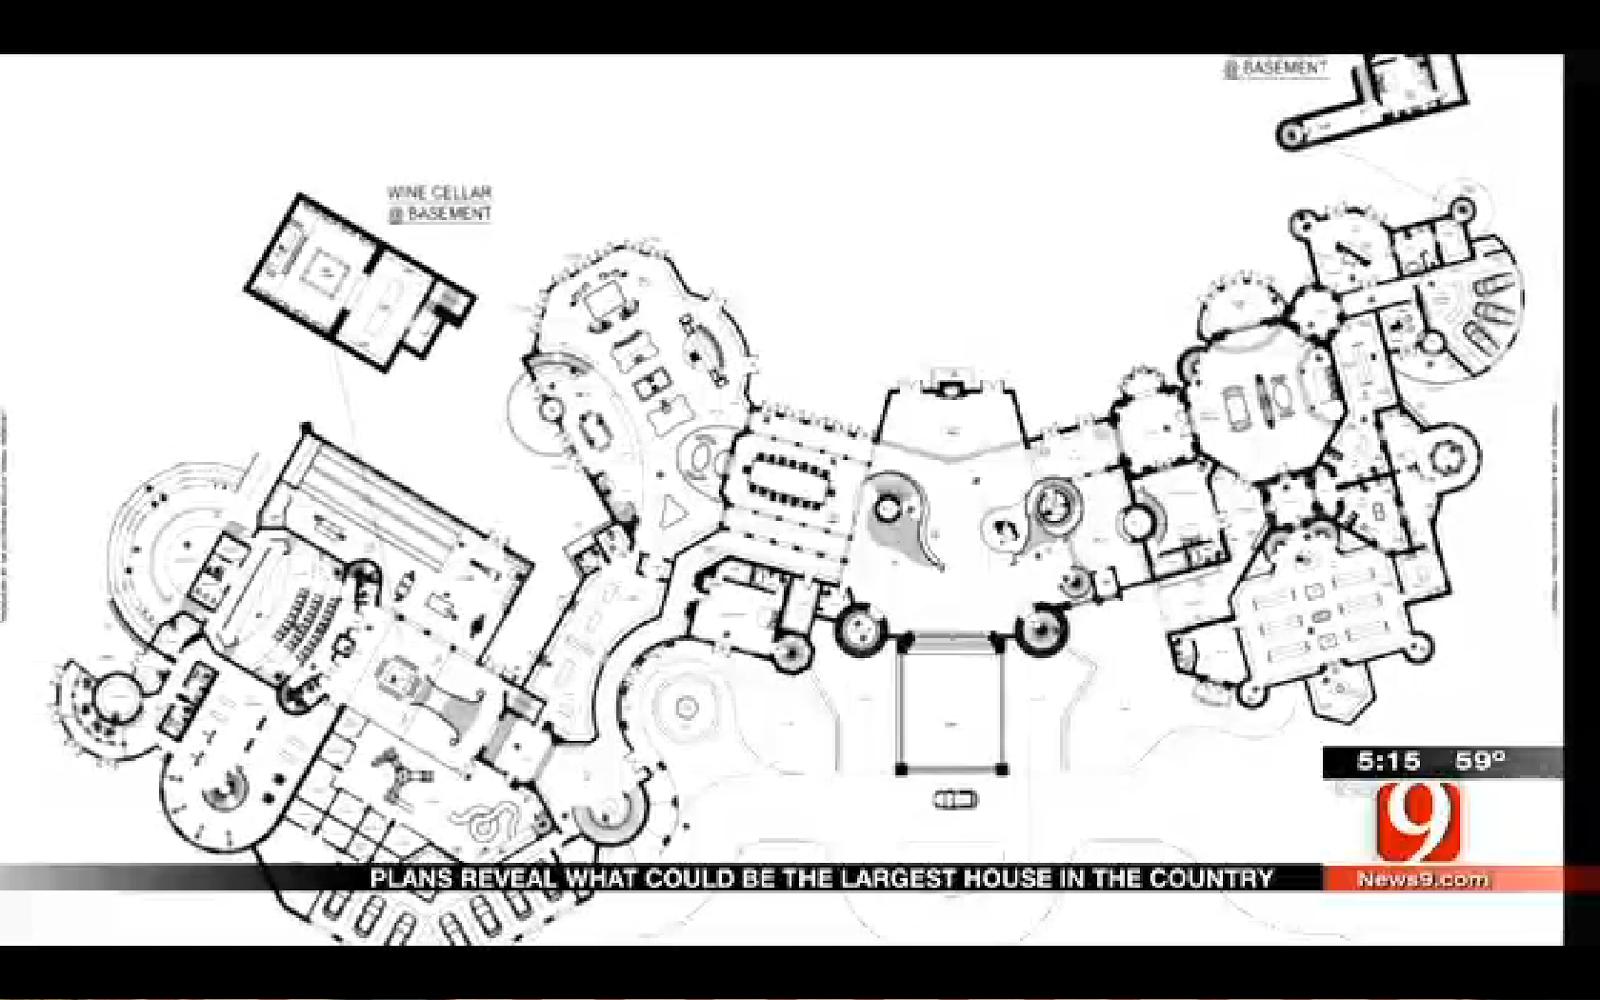 Mega mansion house plans - 92 650 Square Foot Proposed Super Mega Mansion In Edmond Ok